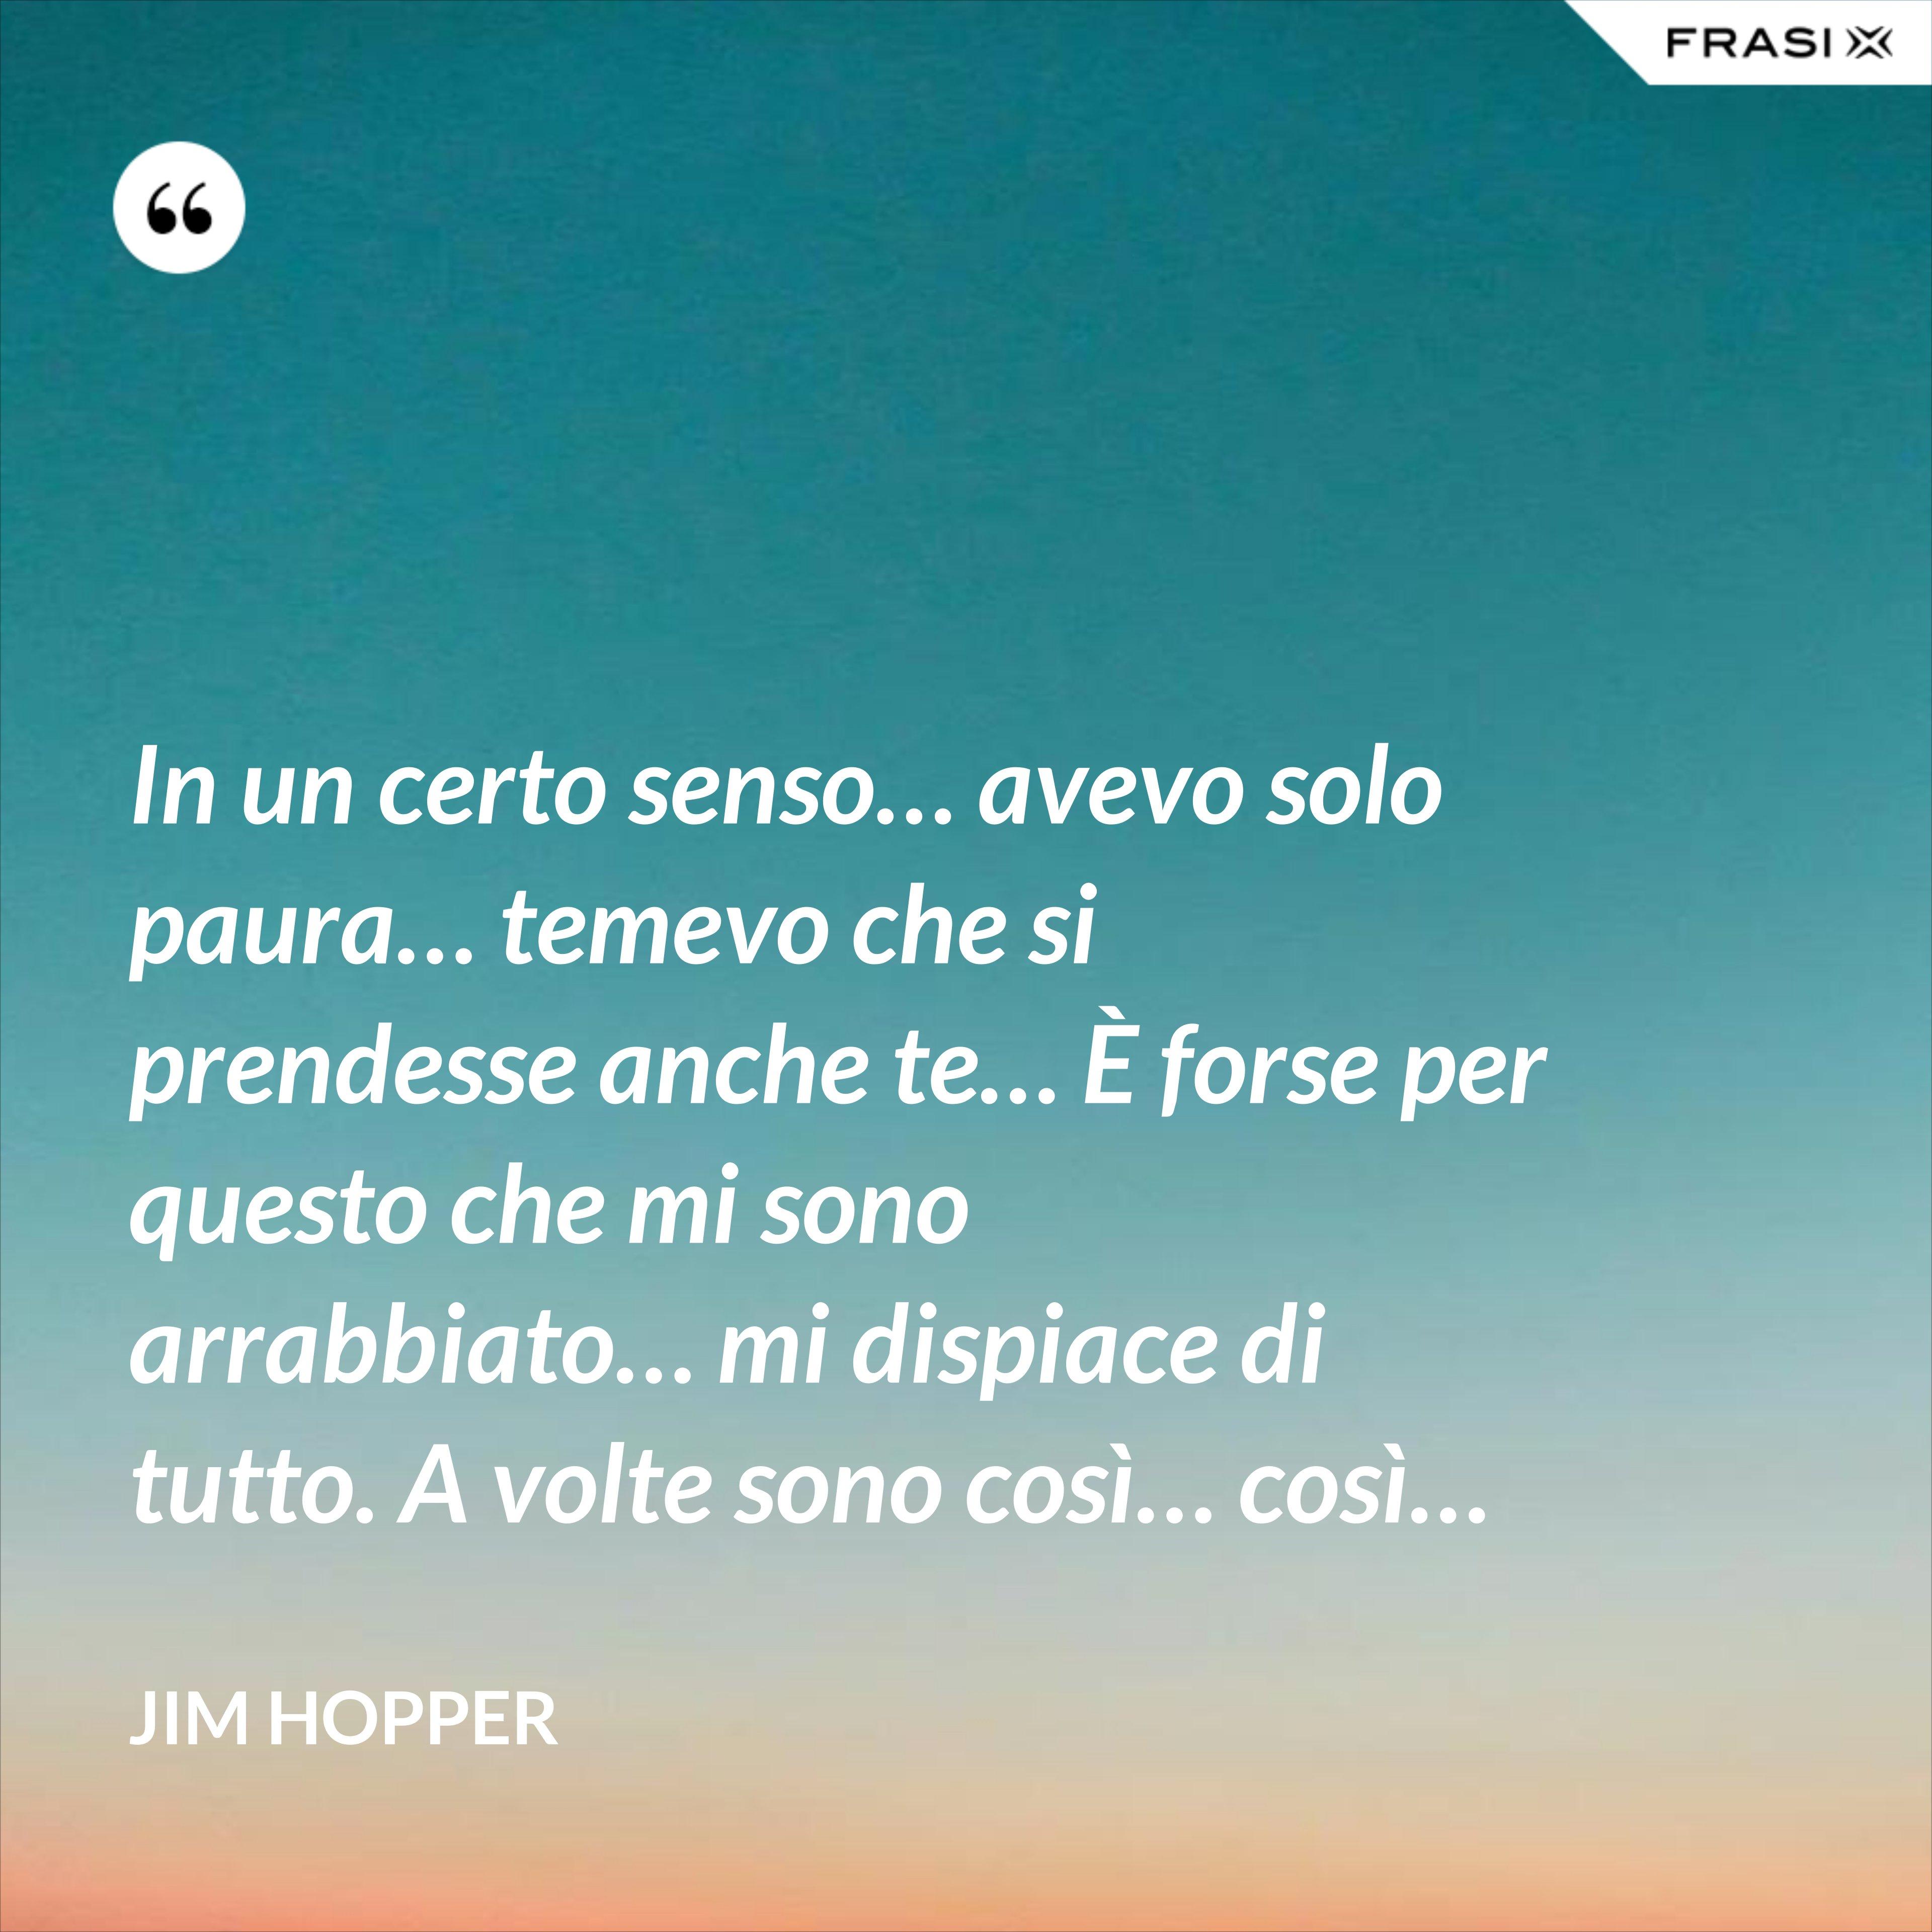 In un certo senso… avevo solo paura… temevo che si prendesse anche te… È forse per questo che mi sono arrabbiato… mi dispiace di tutto. A volte sono così… così… - Jim Hopper